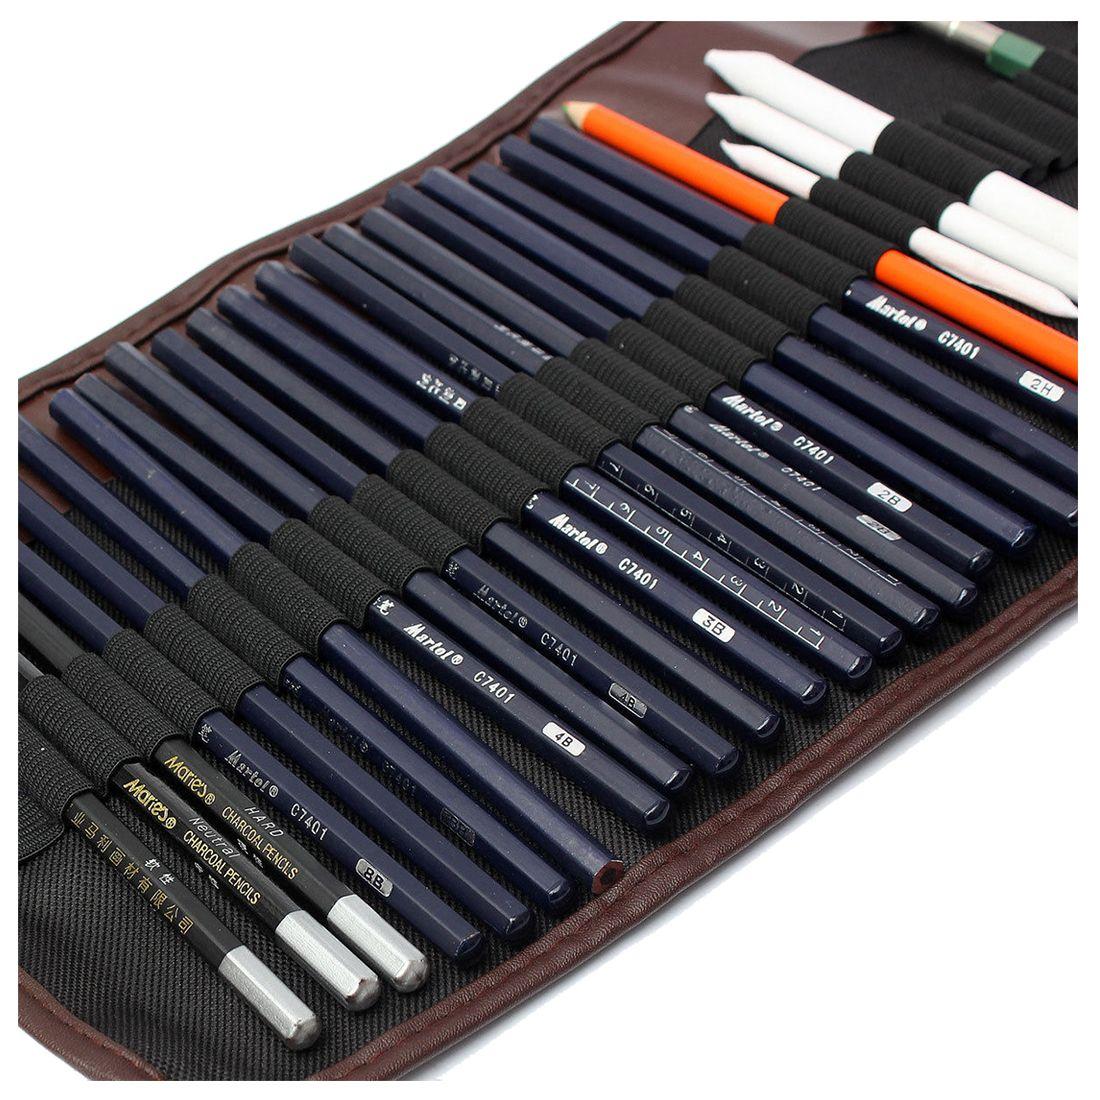 18x Croquis Crayons + Charbon De Bois Crayon Gomme Kit Artisanat D'art pour le Dessin Esquisse